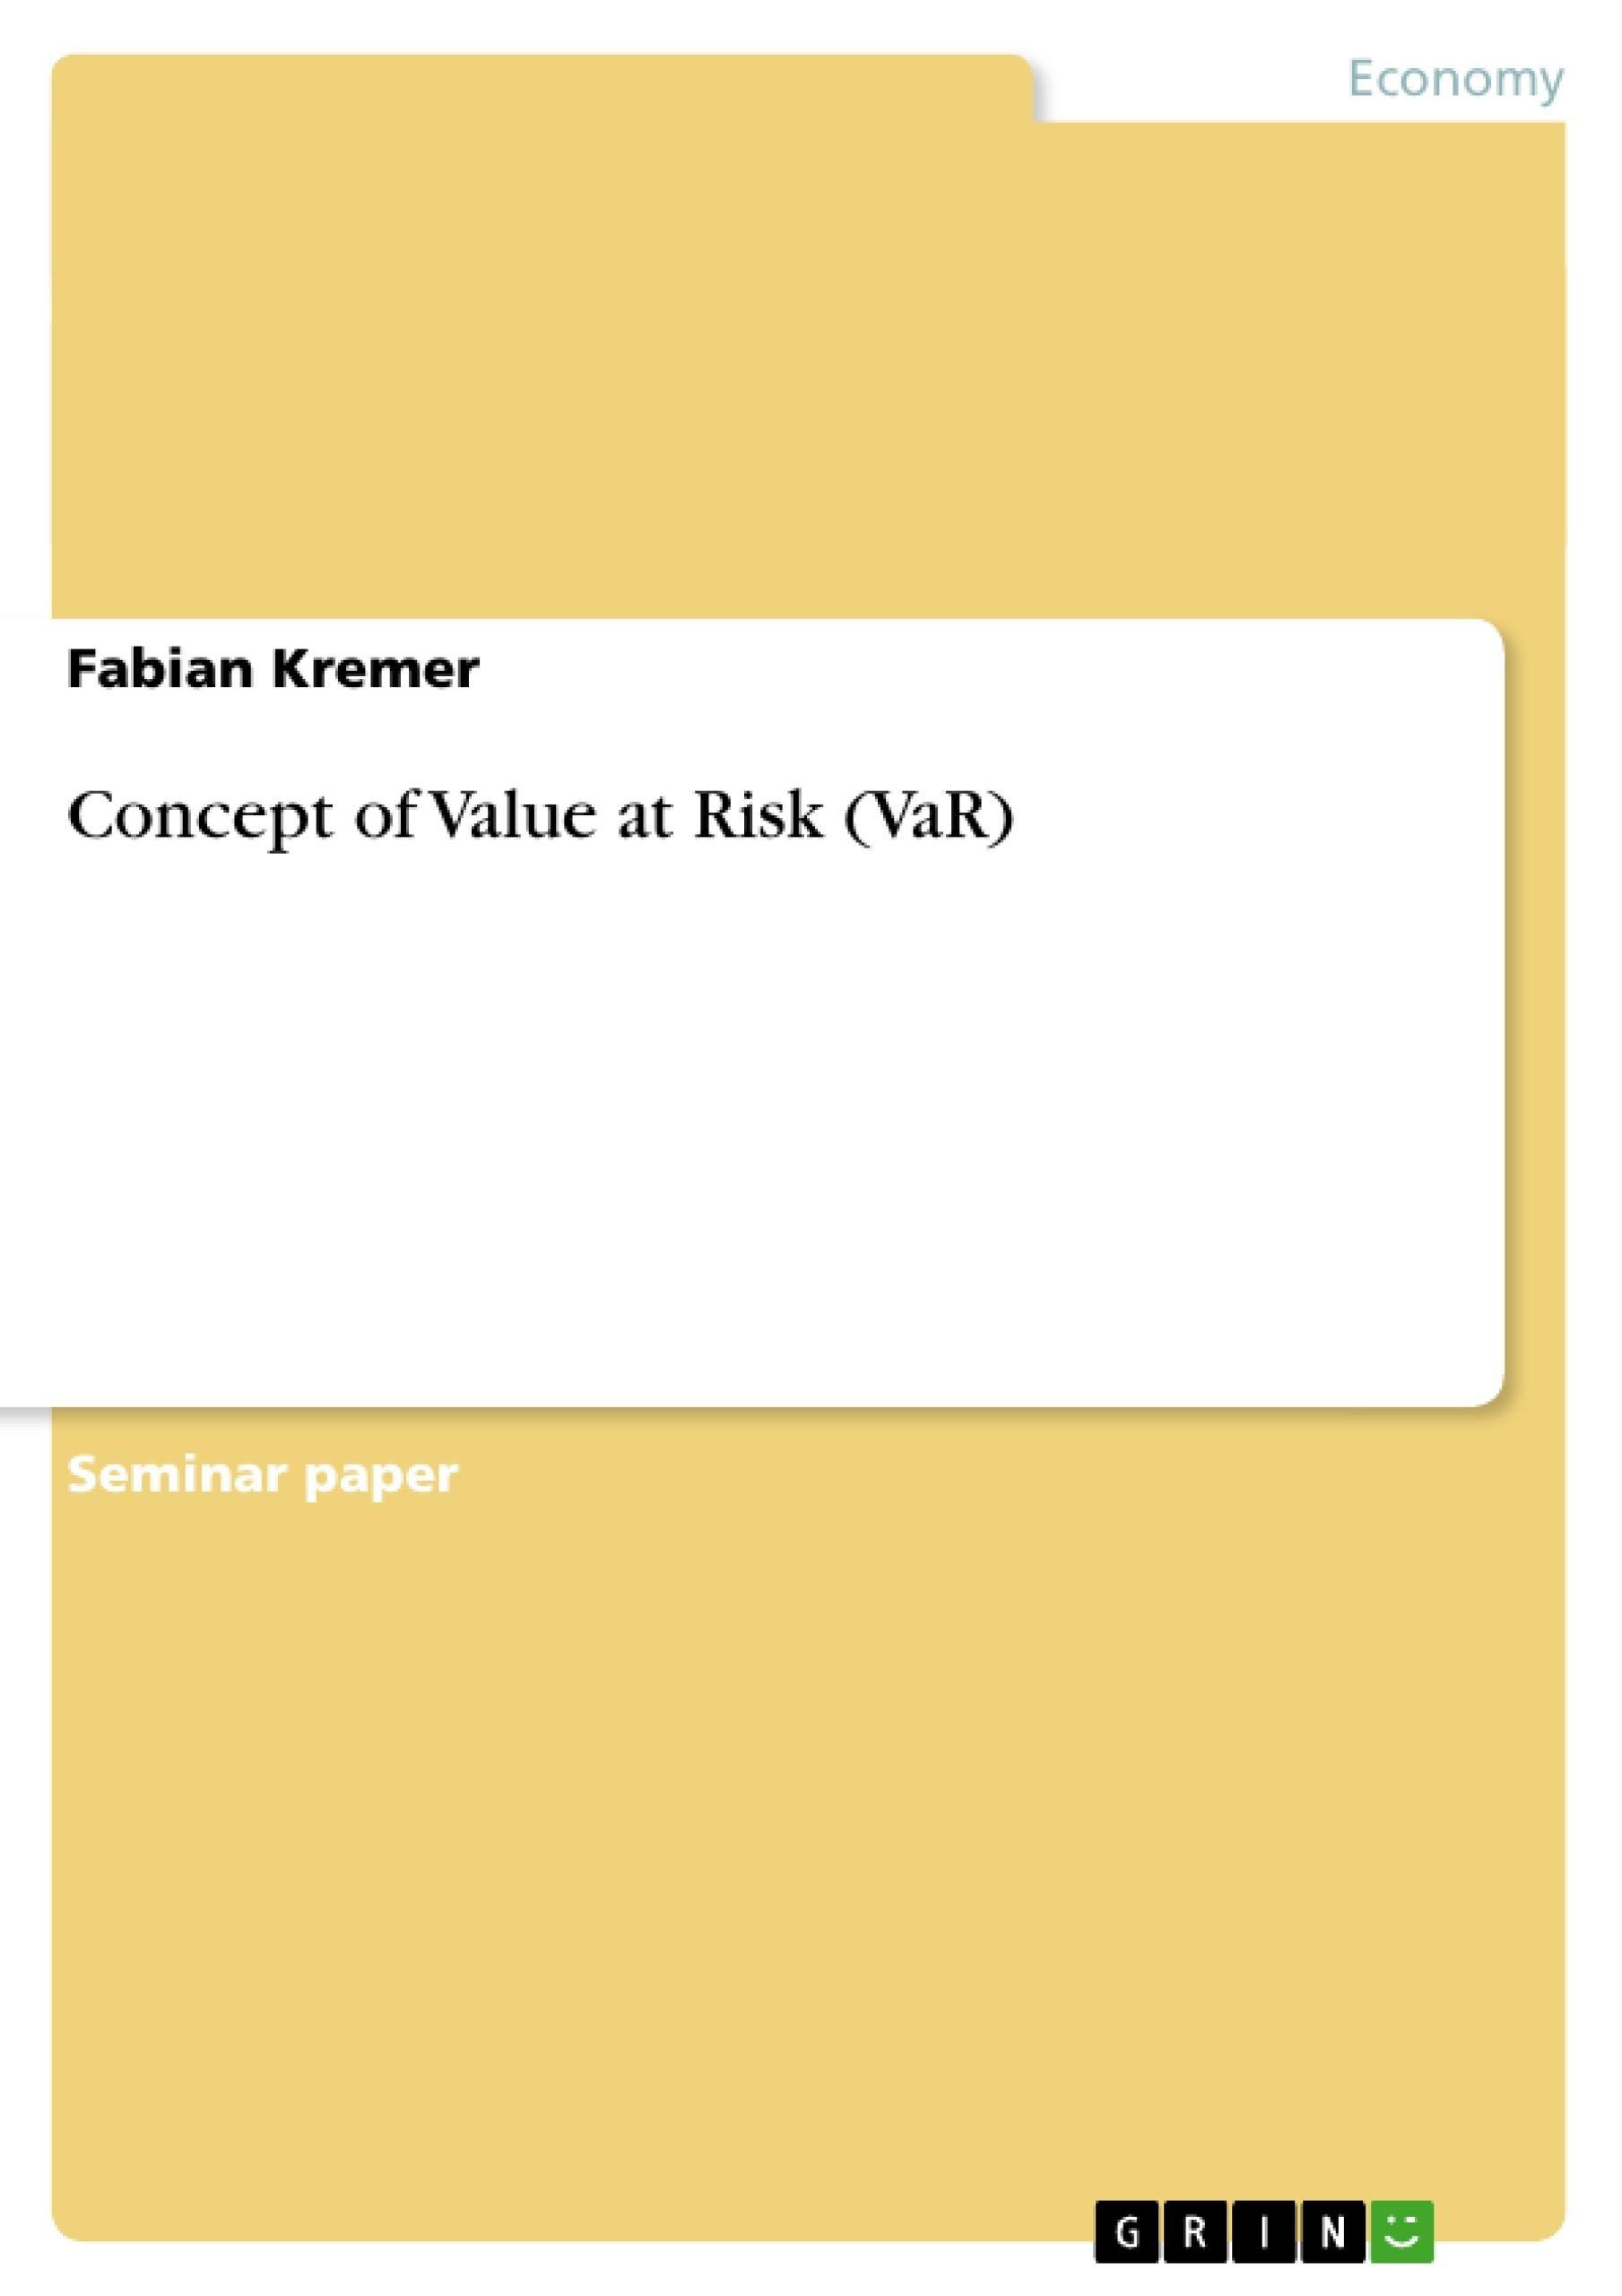 Title: Concept of Value at Risk (VaR)